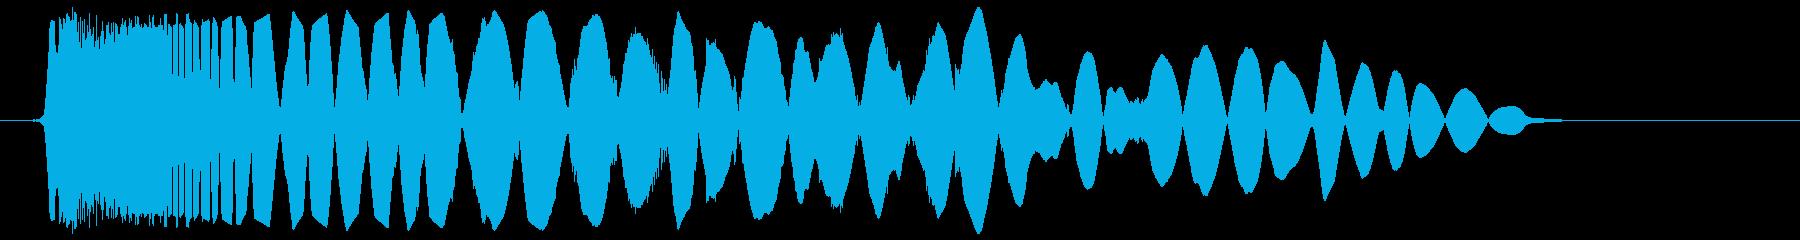 チュイン(発射の音)の再生済みの波形